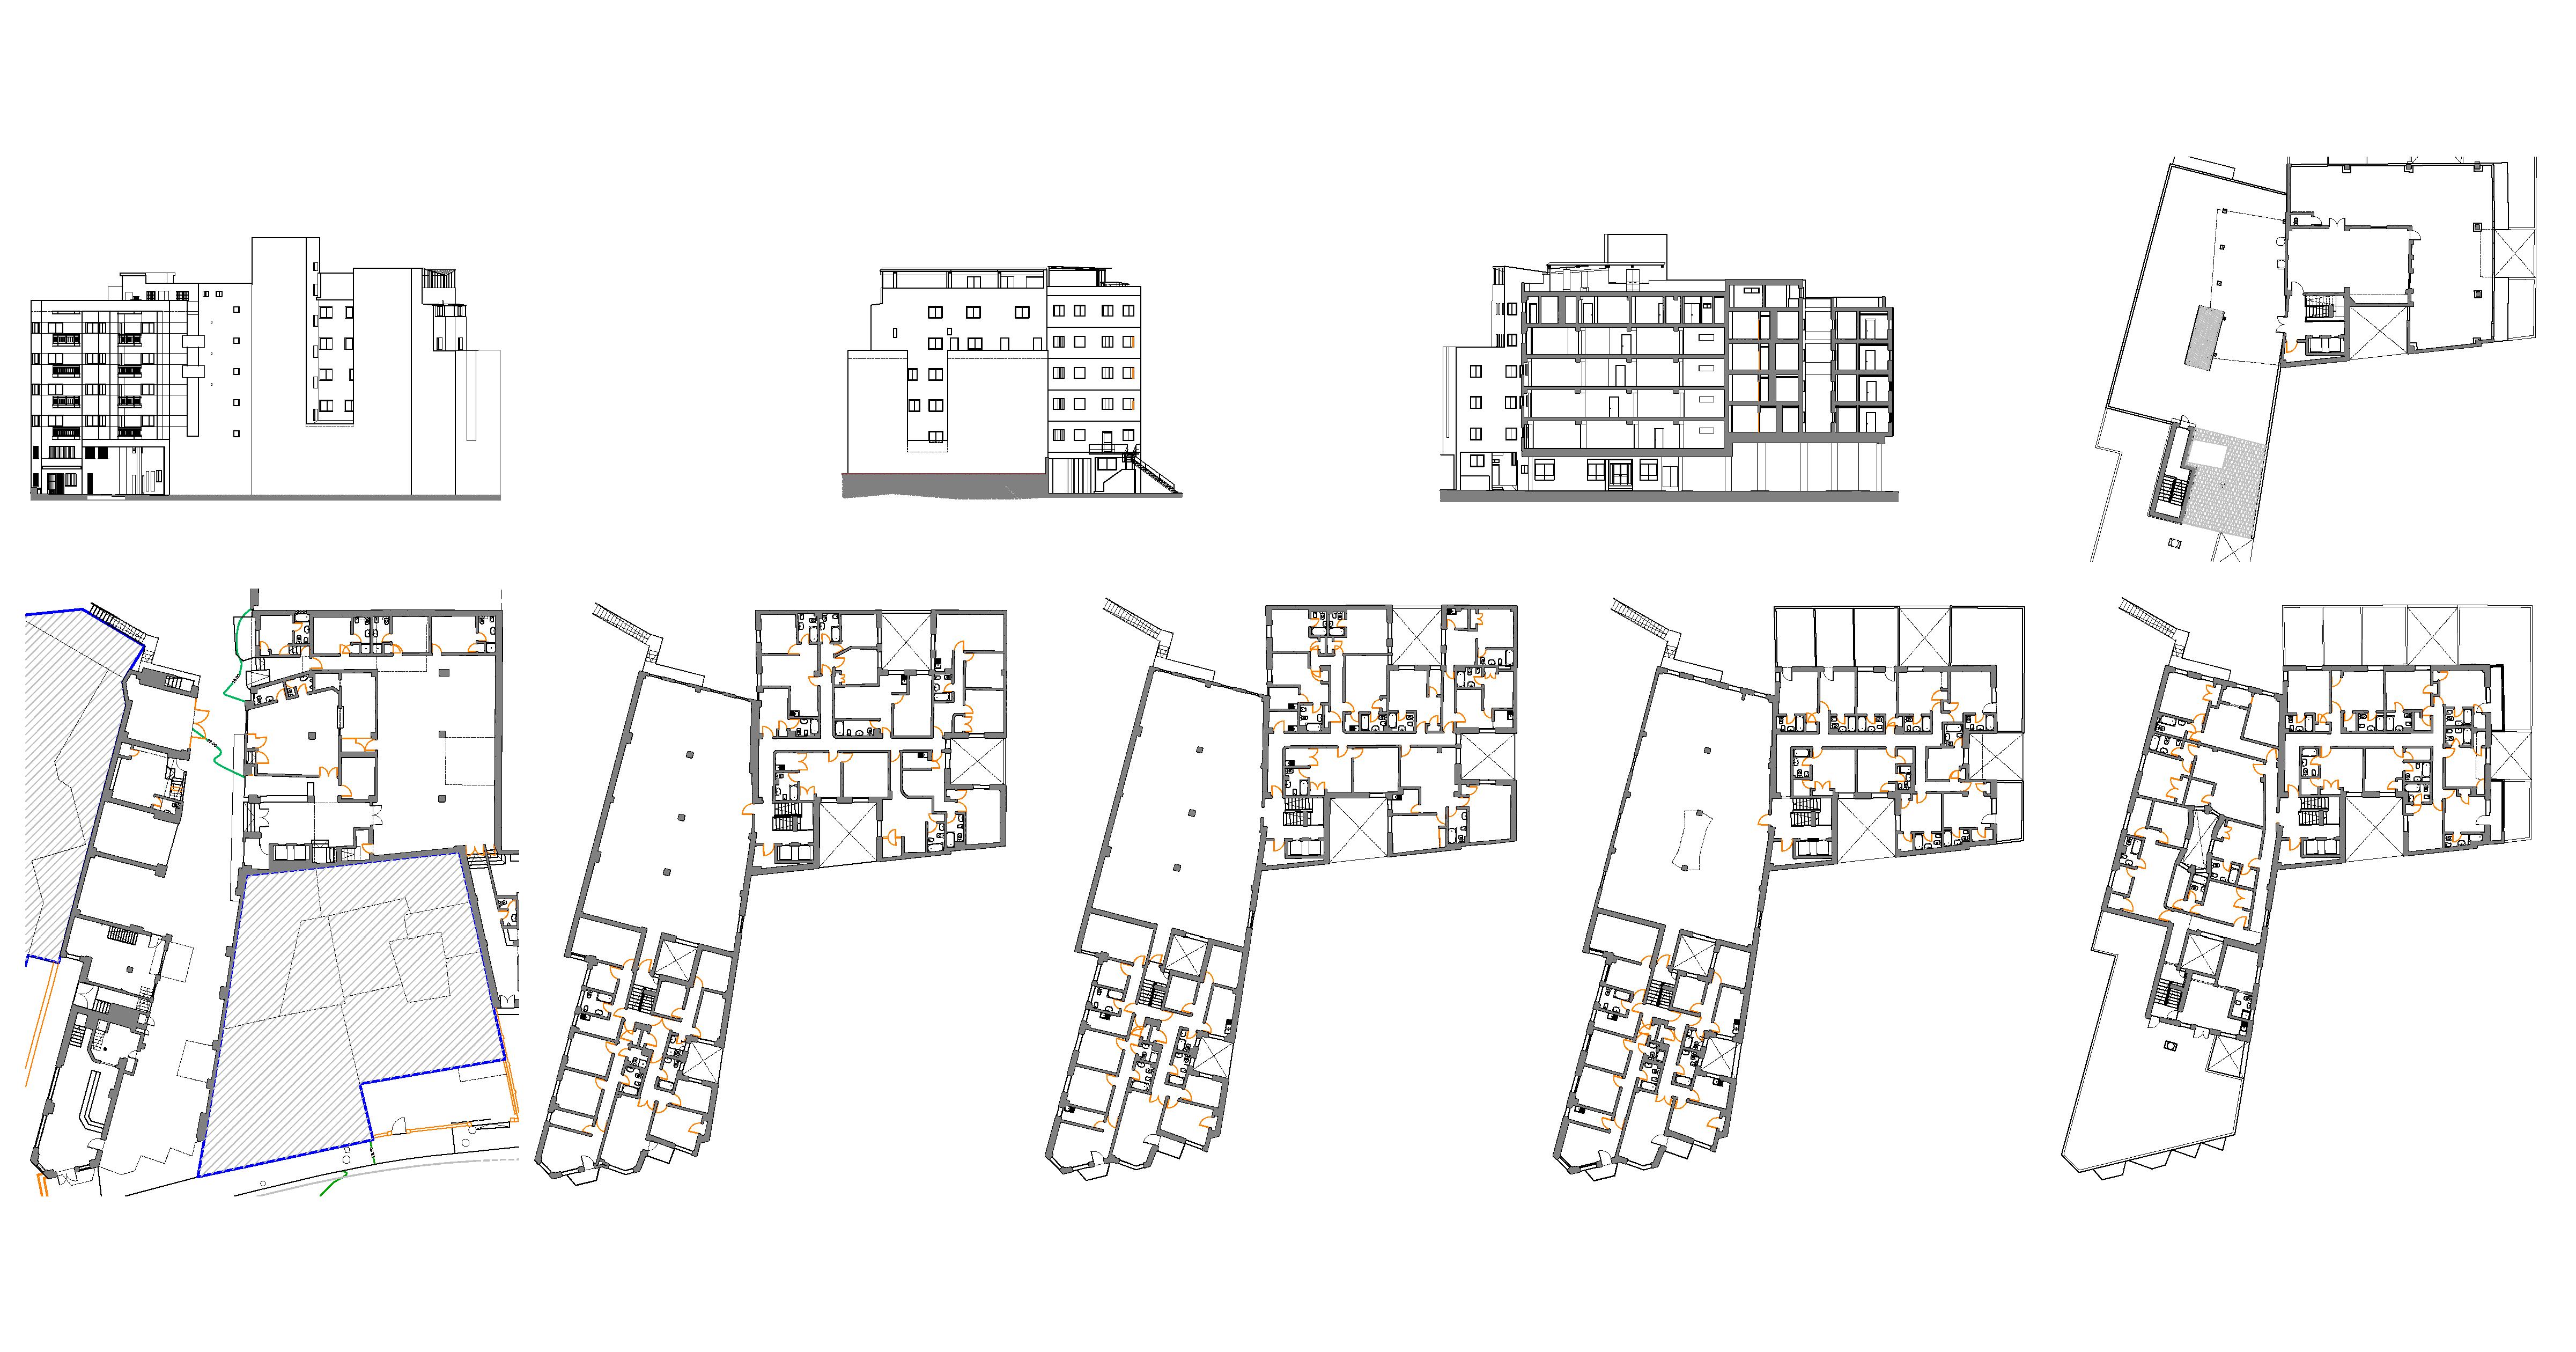 estado-actual-delineacion-edificio-pontevedra